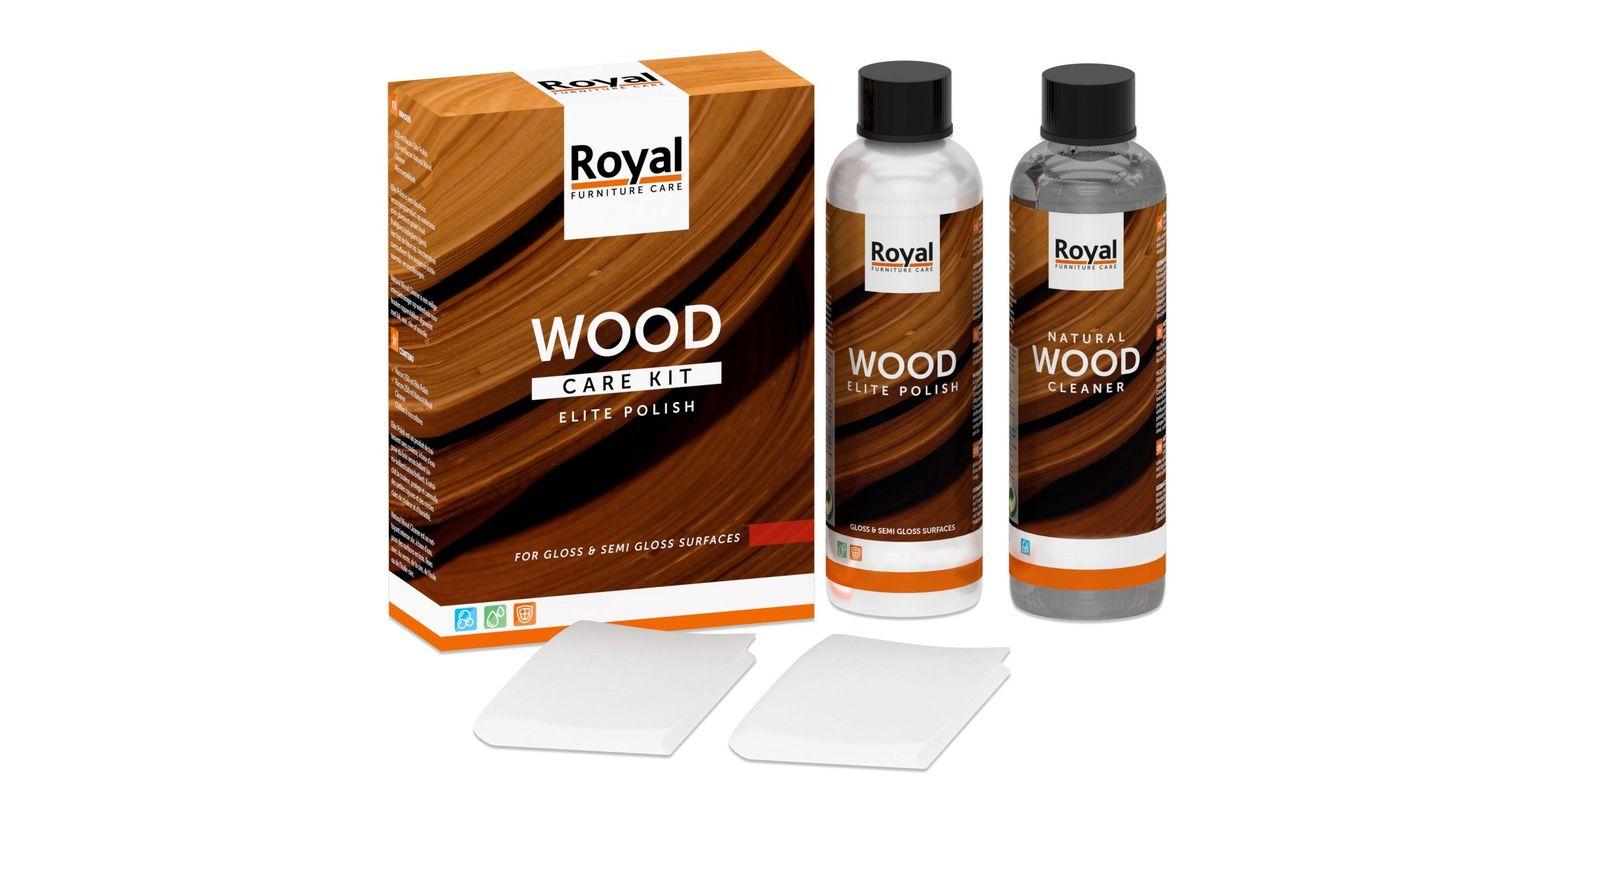 Hochwertiges Holzpflegeset für lackierte Oberflächen inklusive Mikrofasertuch